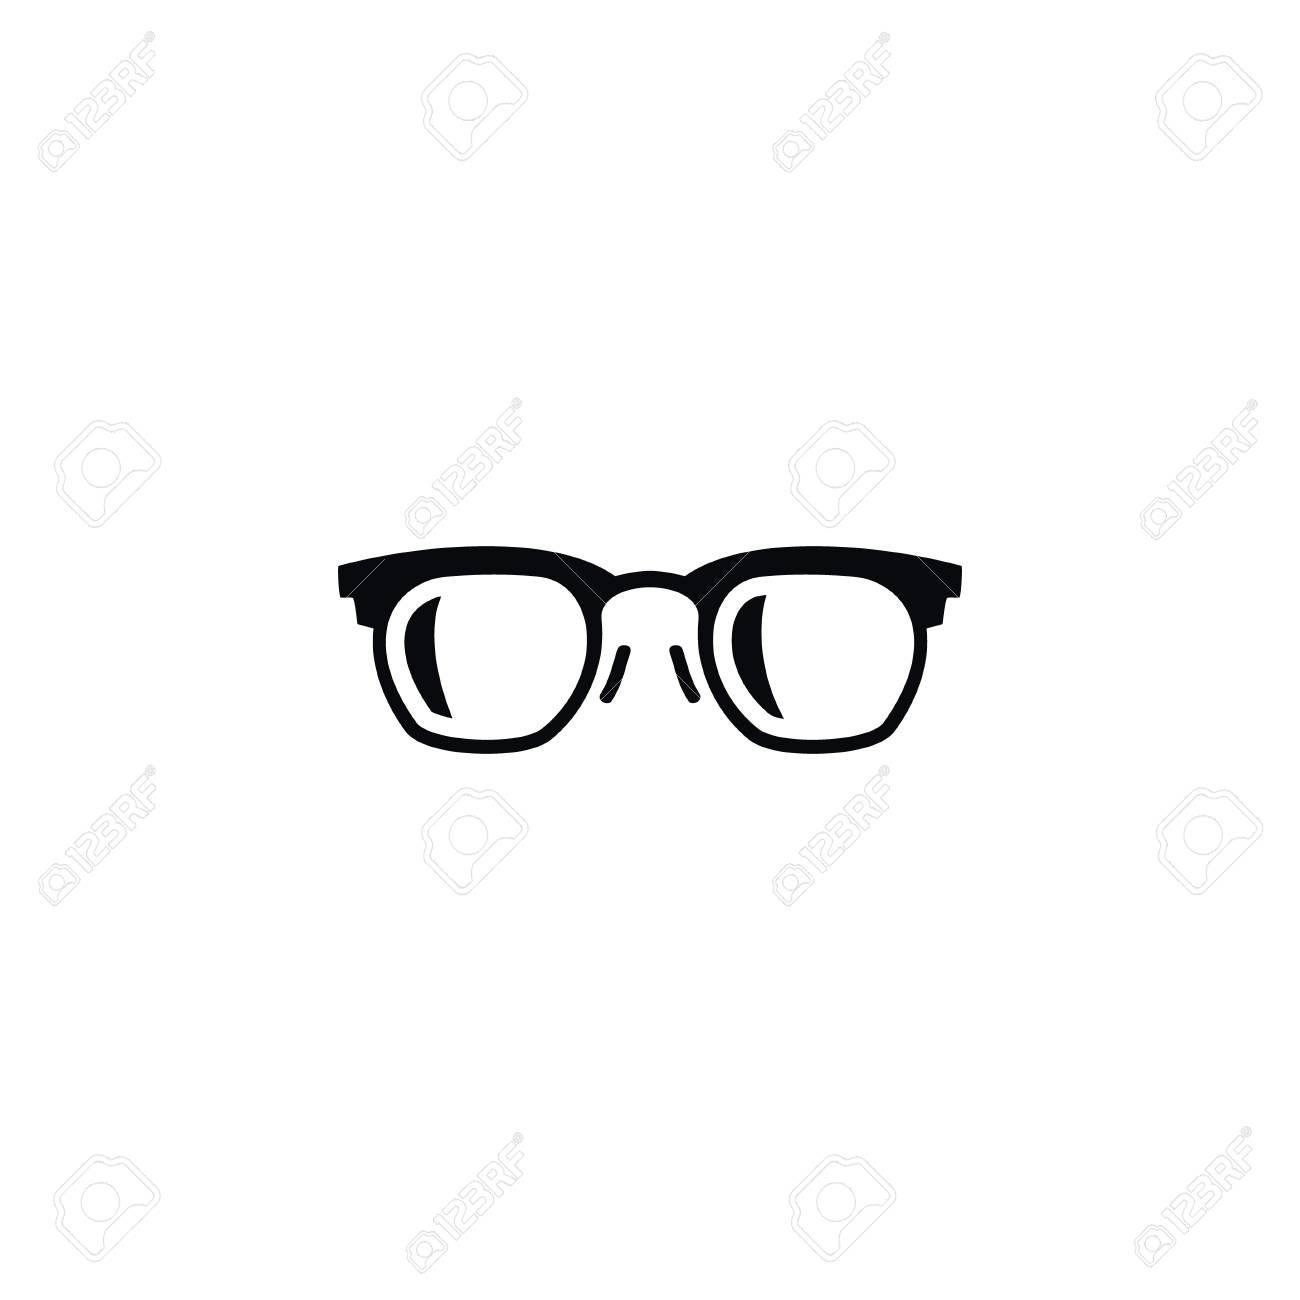 Elemento De Gafas De Sol Se Puede Utilizar Para El Concepto De ...